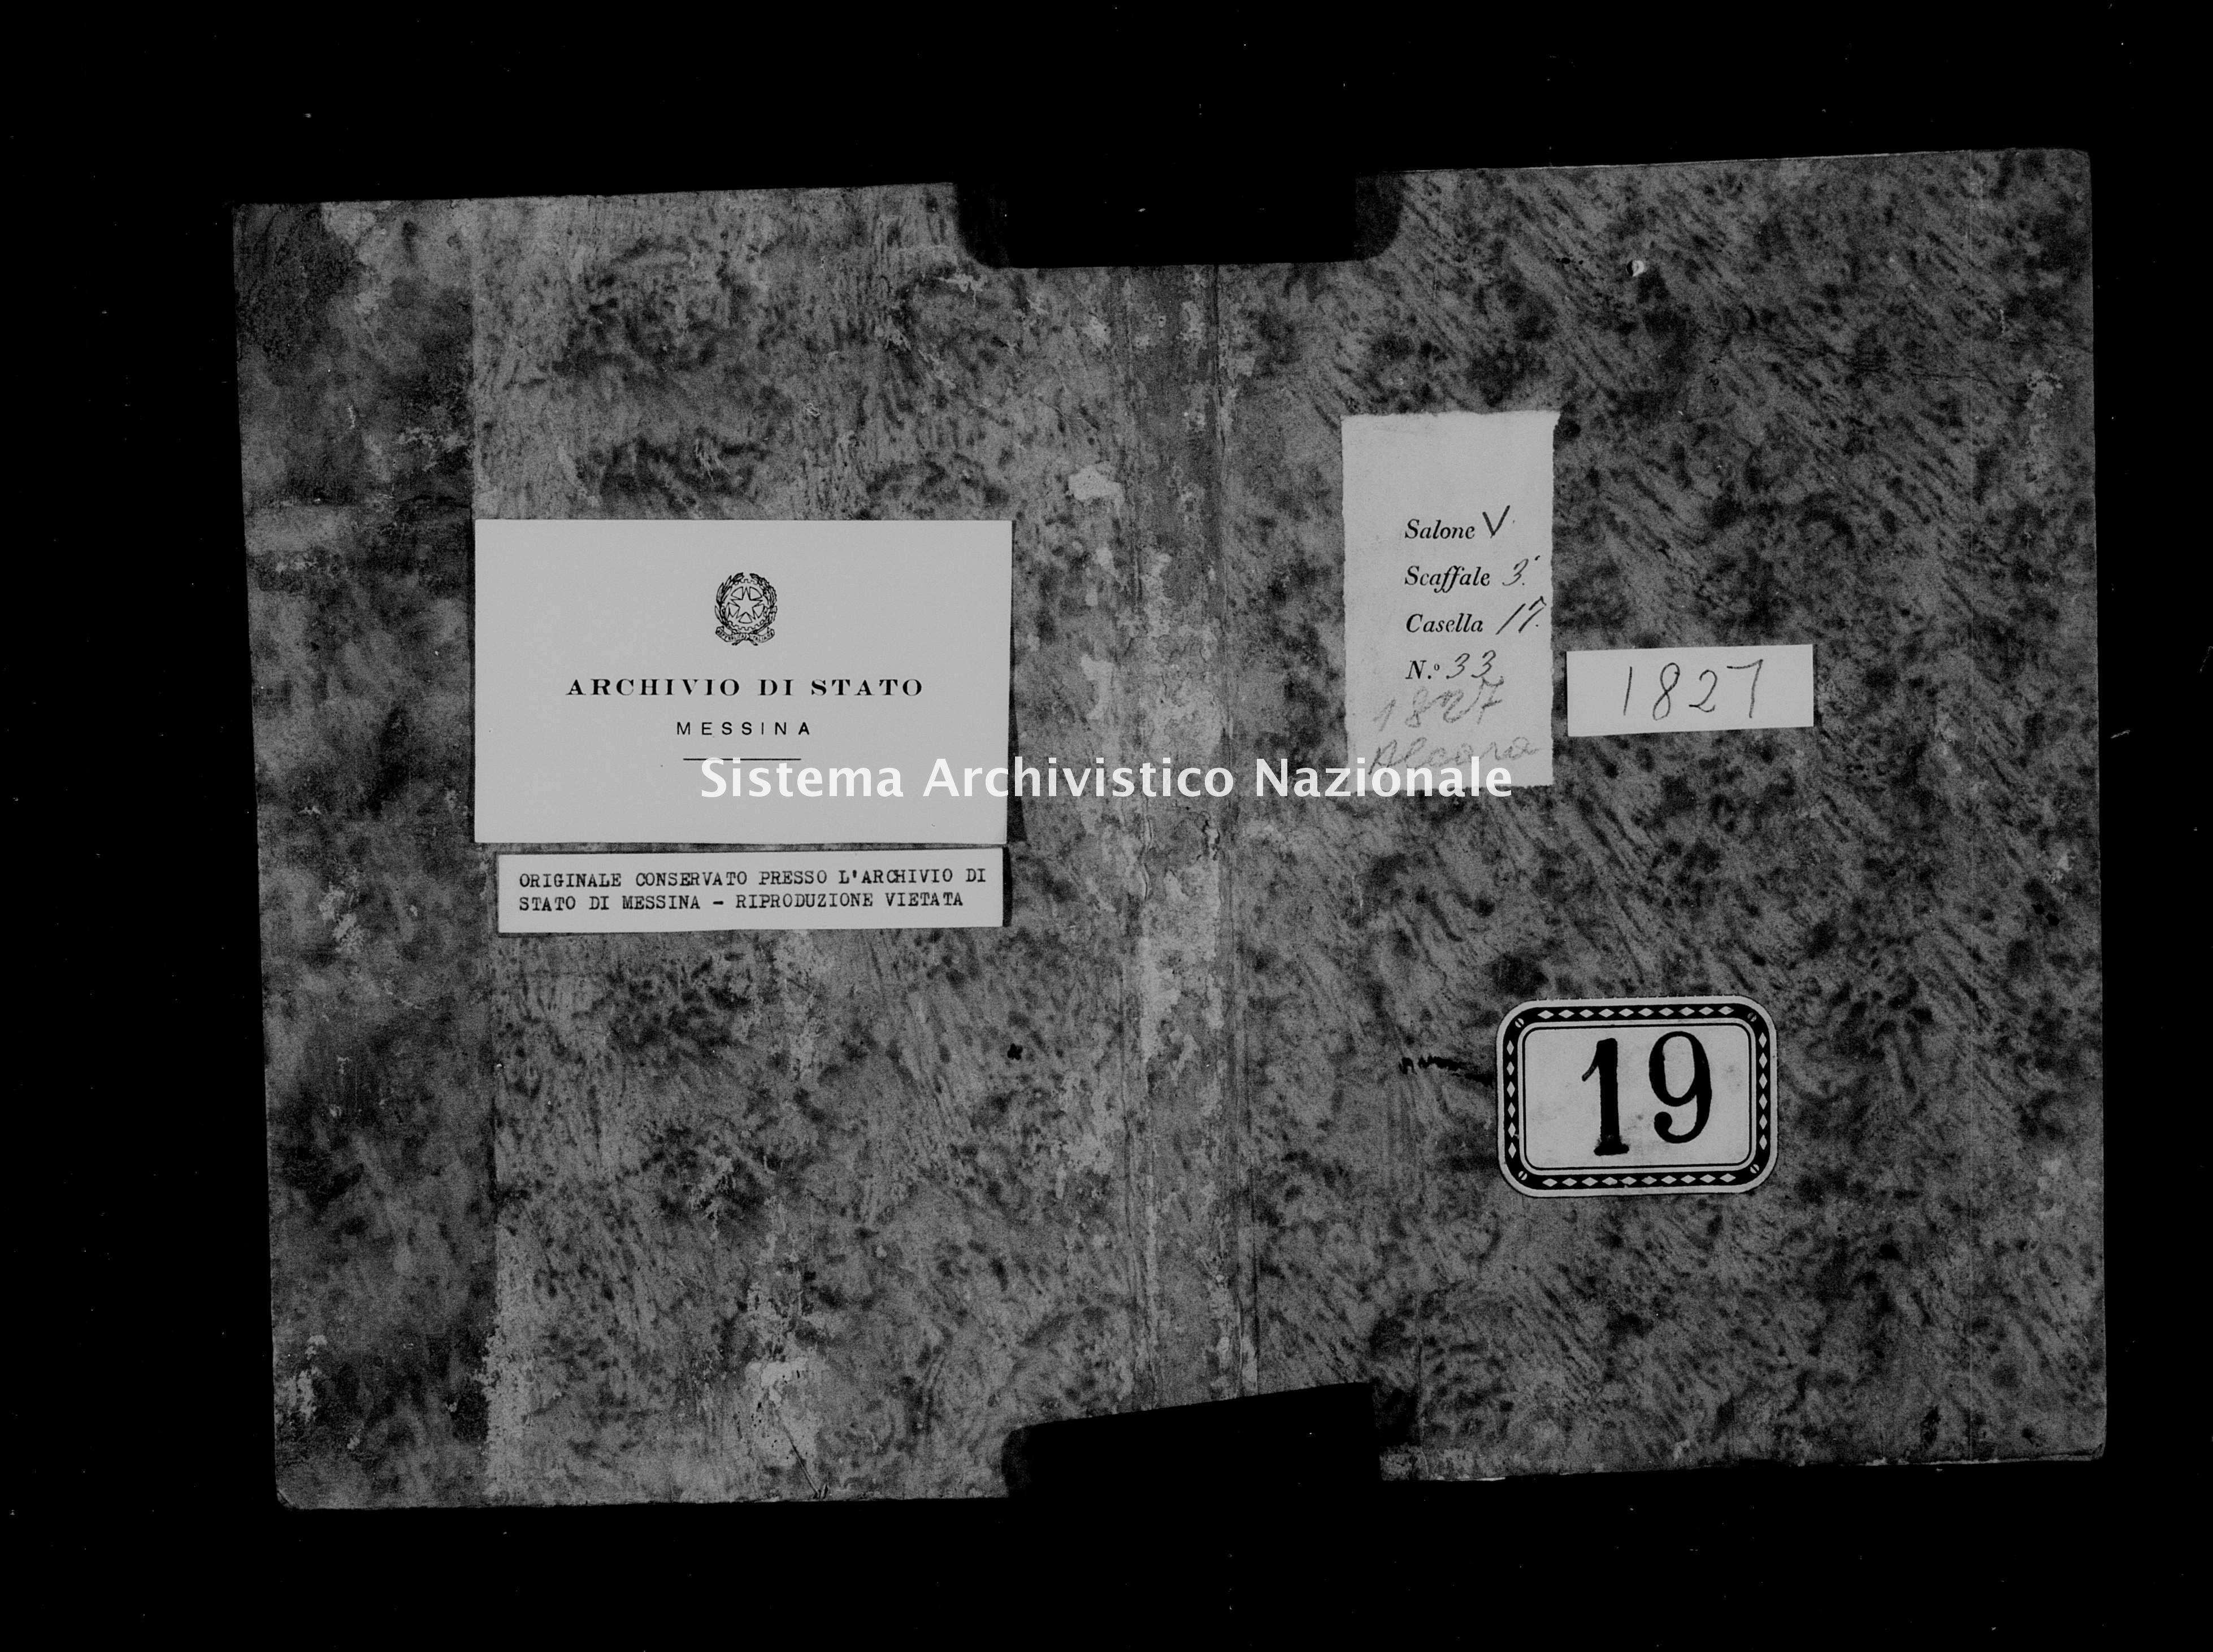 Archivio di stato di Messina - Stato civile della restaurazione - Alcara li Fusi - Nati - 1827 - 19 -